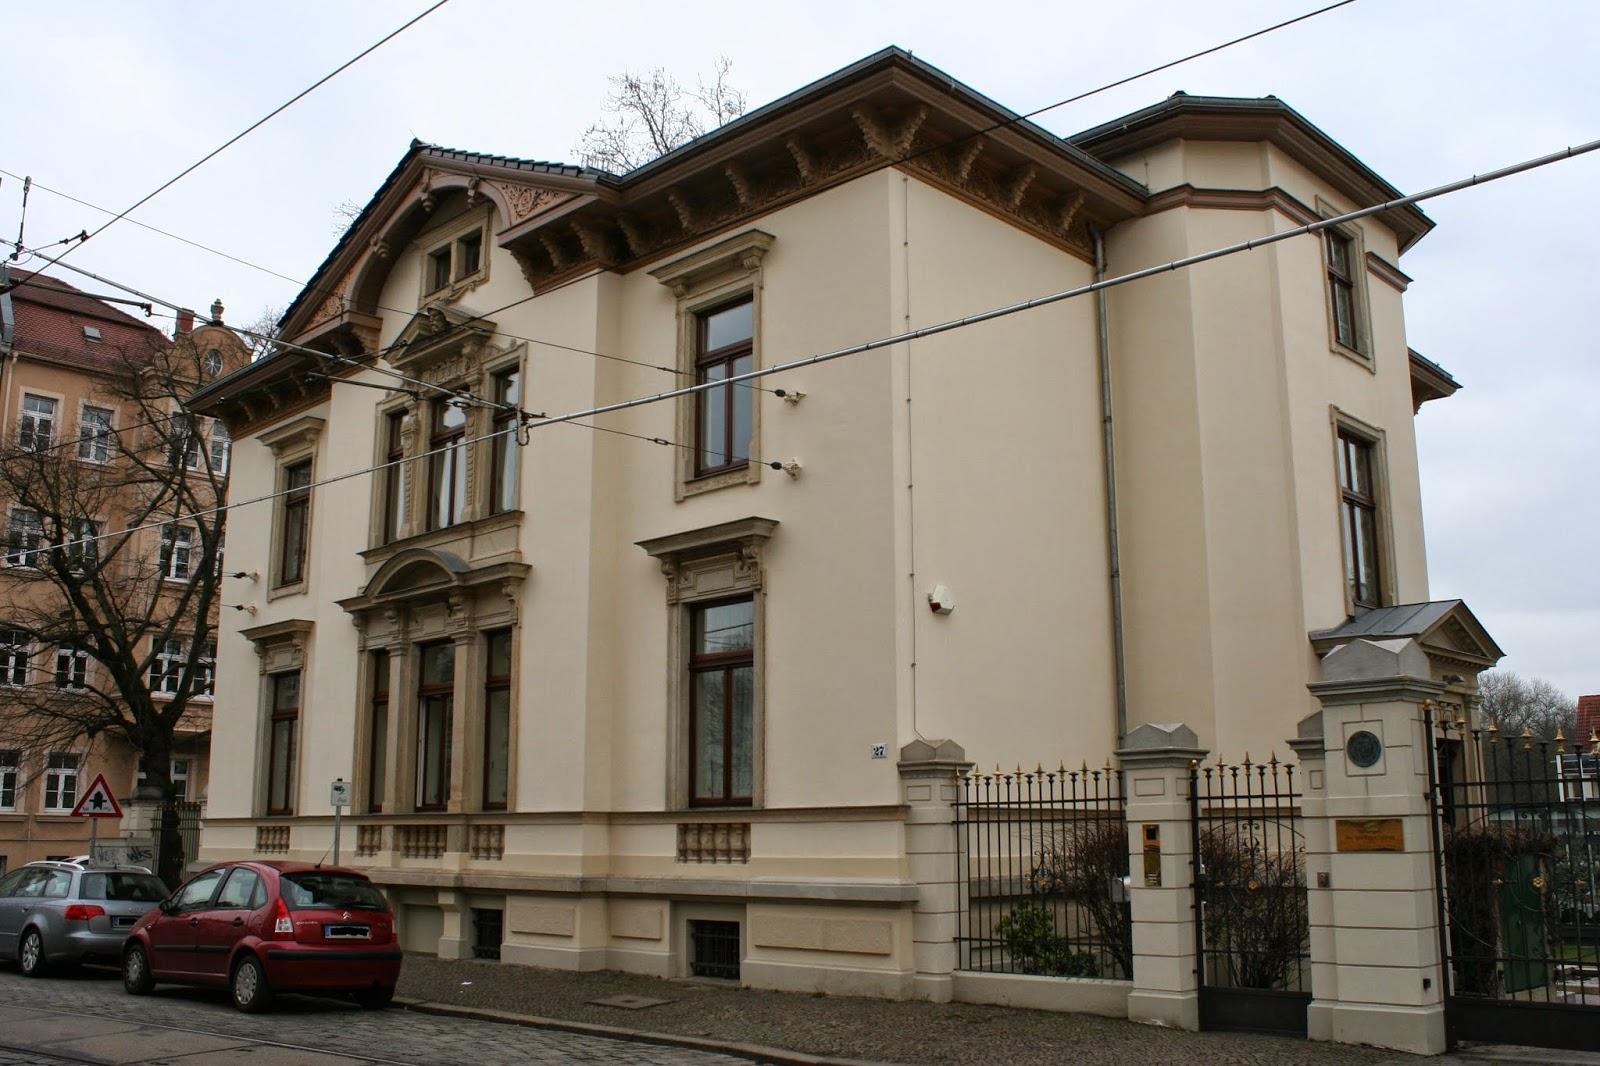 Aktuell ist die Villa der Sitz der Medienstiftung der Sparkasse Leipzig